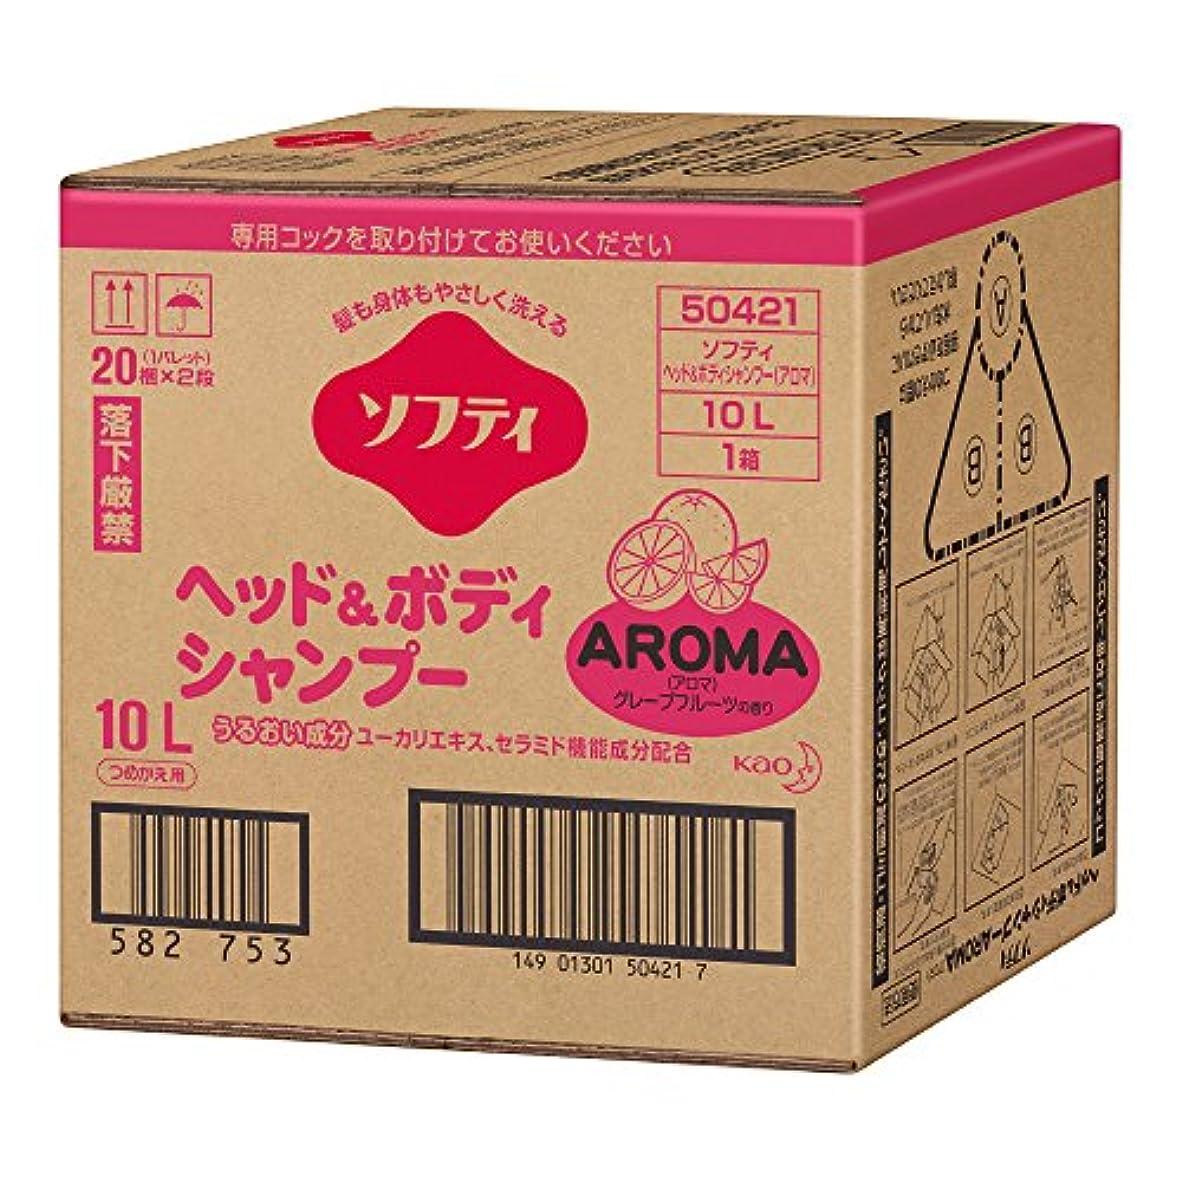 鷹シンプルなカウンタソフティ ヘッド&ボディシャンプーAROMA(アロマ) 10L バッグインボックスタイプ (花王プロフェッショナルシリーズ)